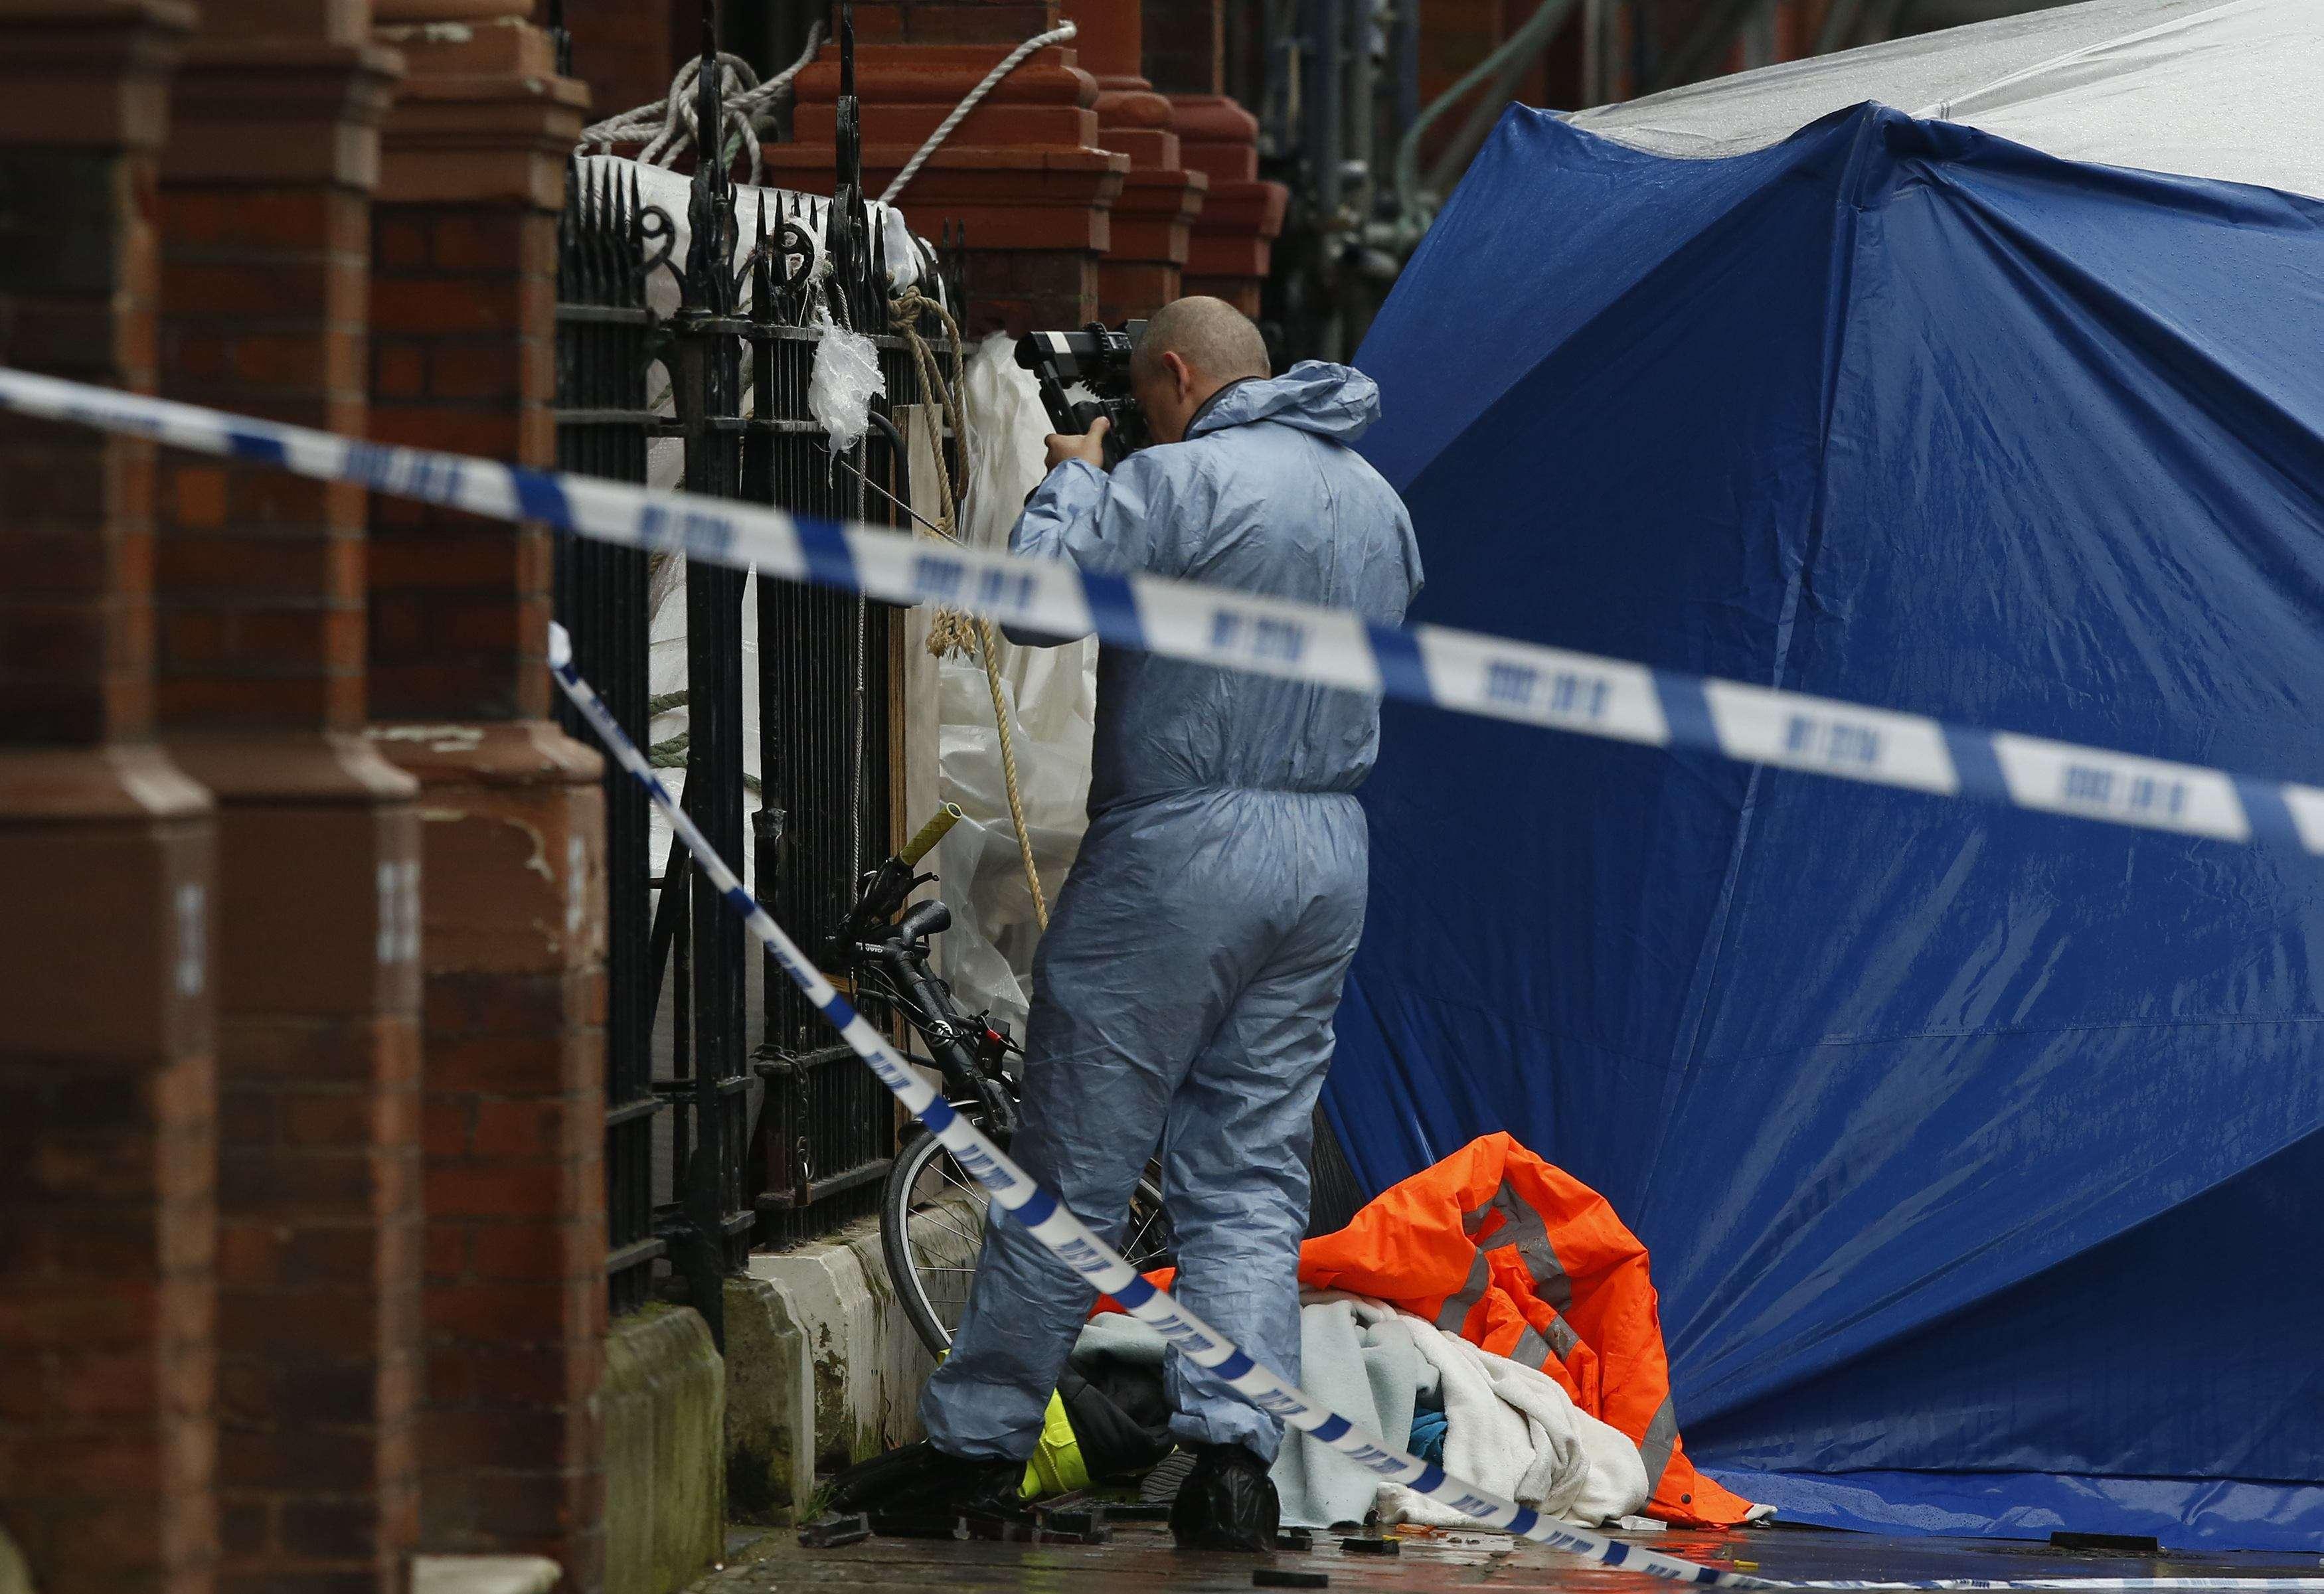 Varanda caiu e deixou duas pessoas mortas em bairro nobre de Londres nesta sexta-feira Foto: Luke MacGregor /Reuters